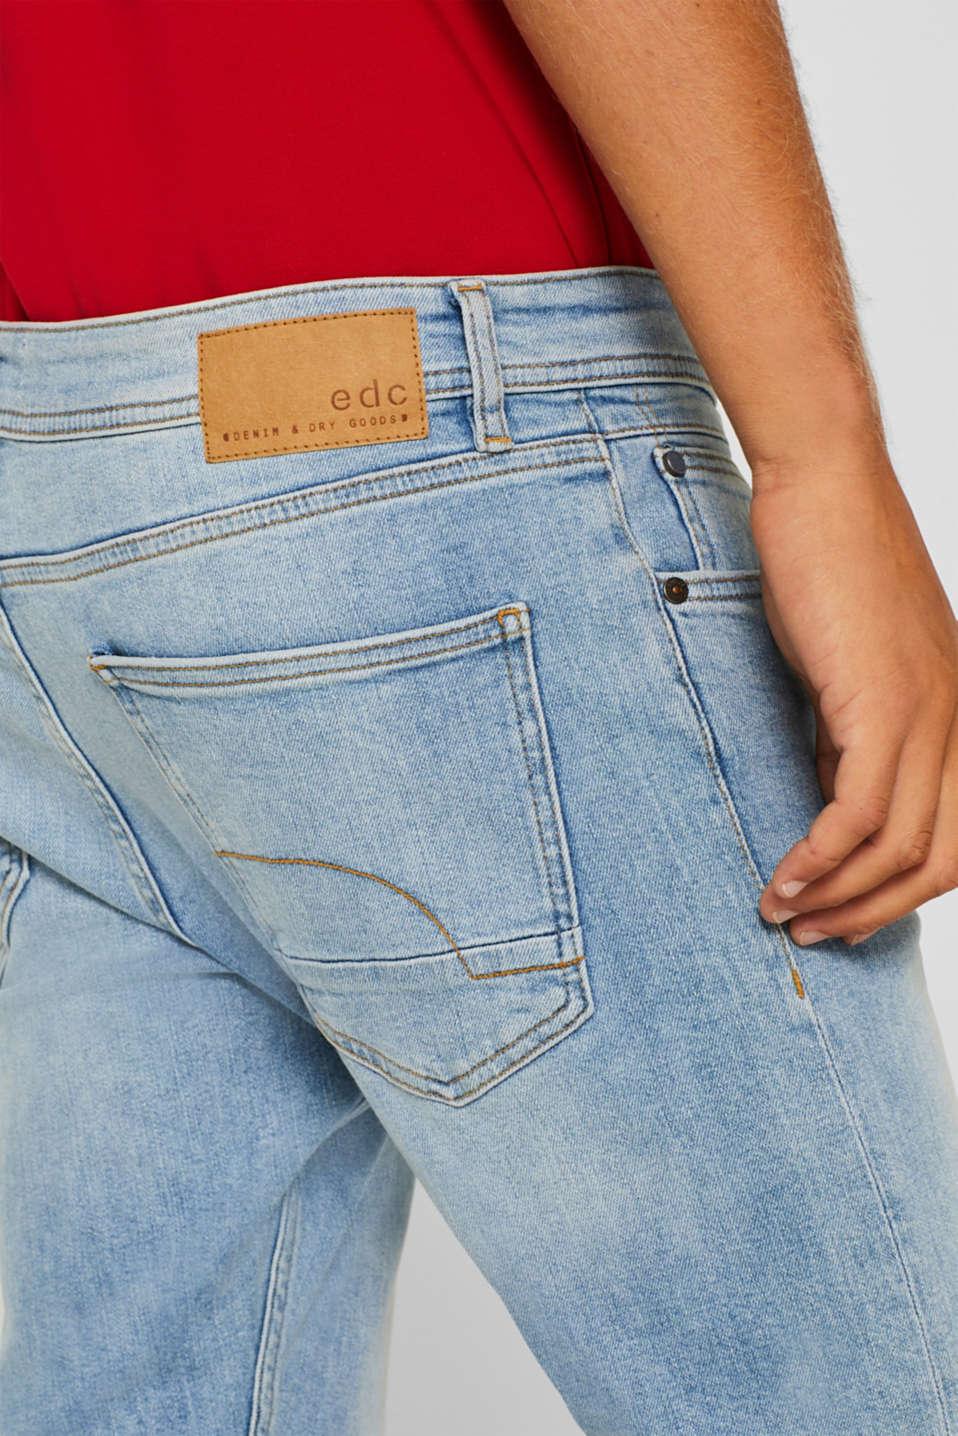 Pants denim Slim fit, BLUE LIGHT WASH, detail image number 3